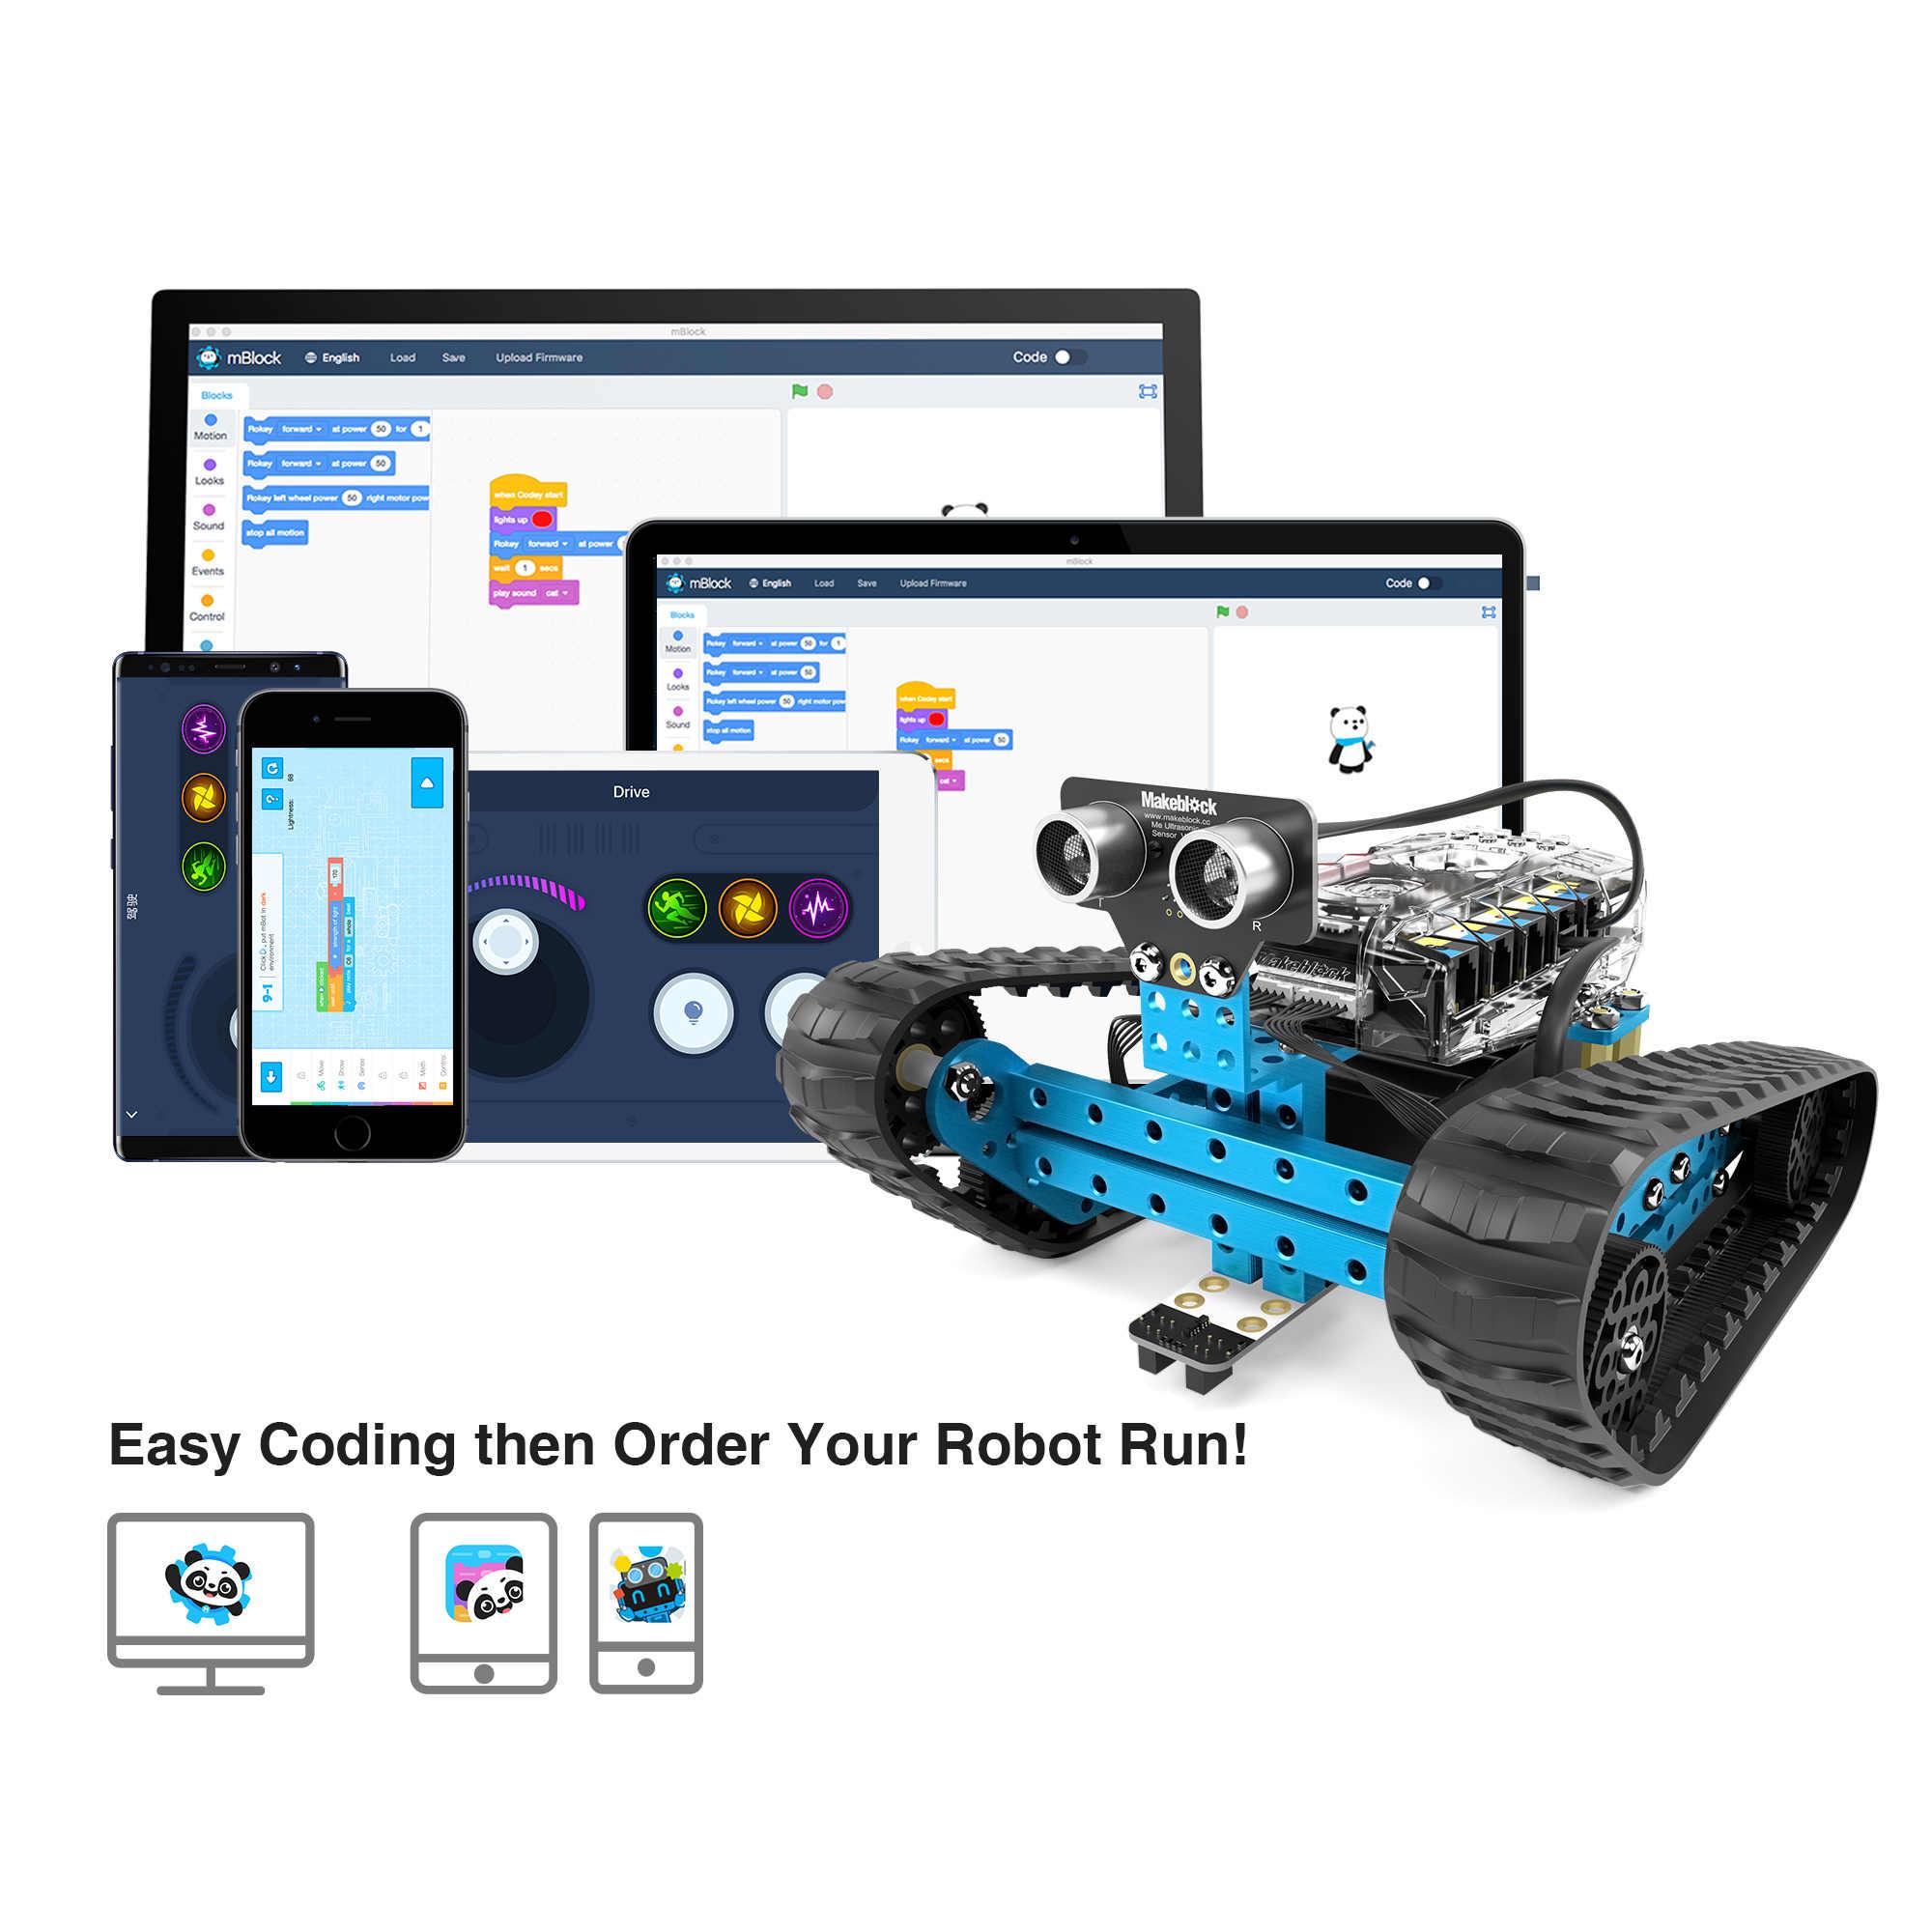 Makeblock プログラマブル mbot レンジャーロボットキット arduino の、幹教育、 3 で 1 プログラマブルロボット子供のための、年齢 12 +